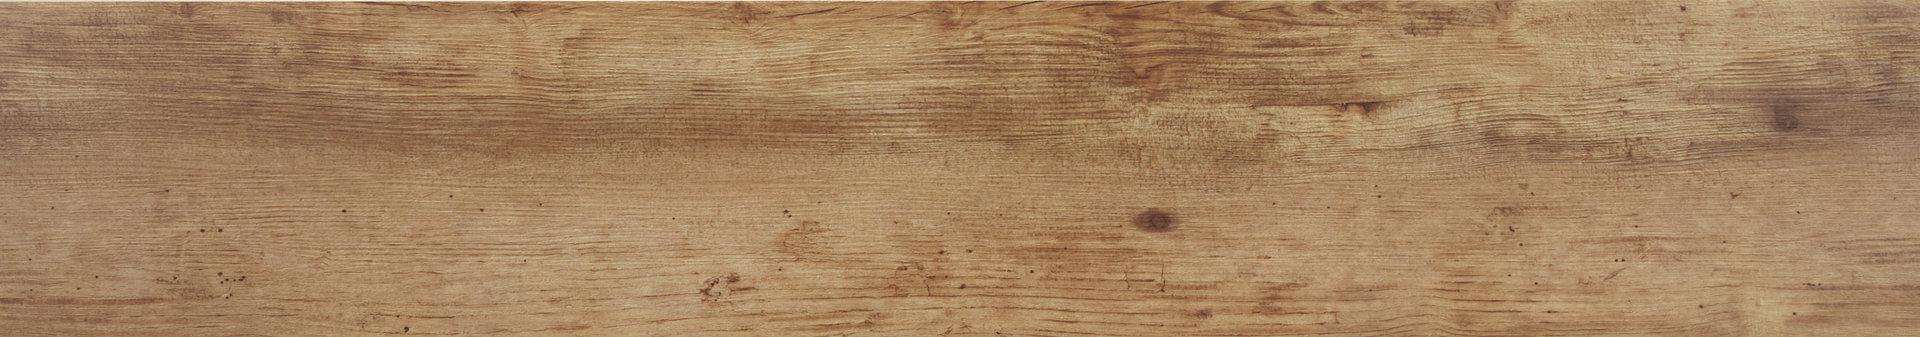 kwg designervinyl sheets rotbirne einrichtungen me. Black Bedroom Furniture Sets. Home Design Ideas